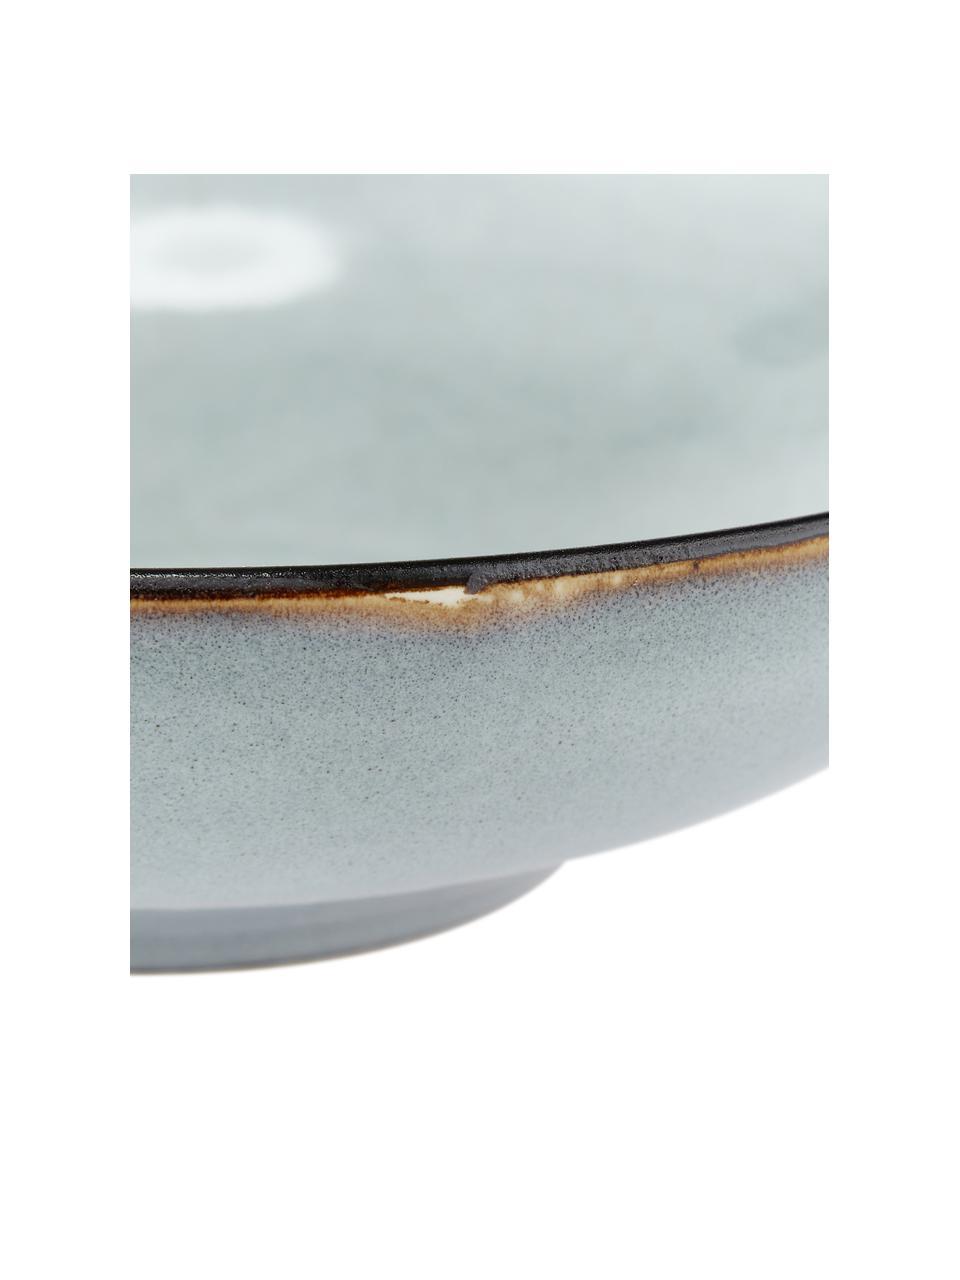 Piatto fondo in gres blu grigio fatto a mano Thalia 2 pz, Gres, Blu, grigio, Ø 22 x Alt. 6 cm